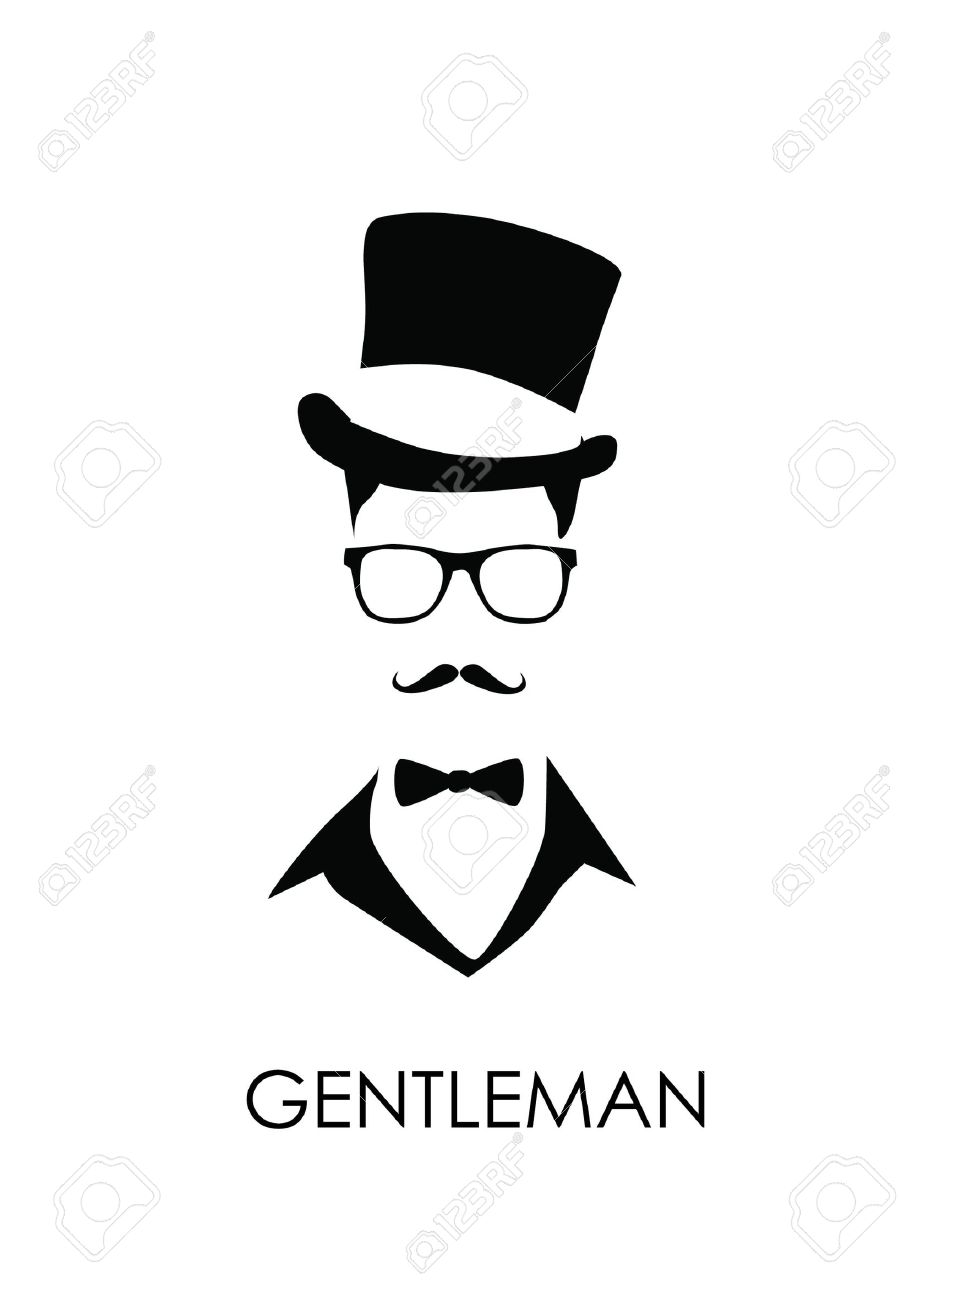 mustache man - 20578942